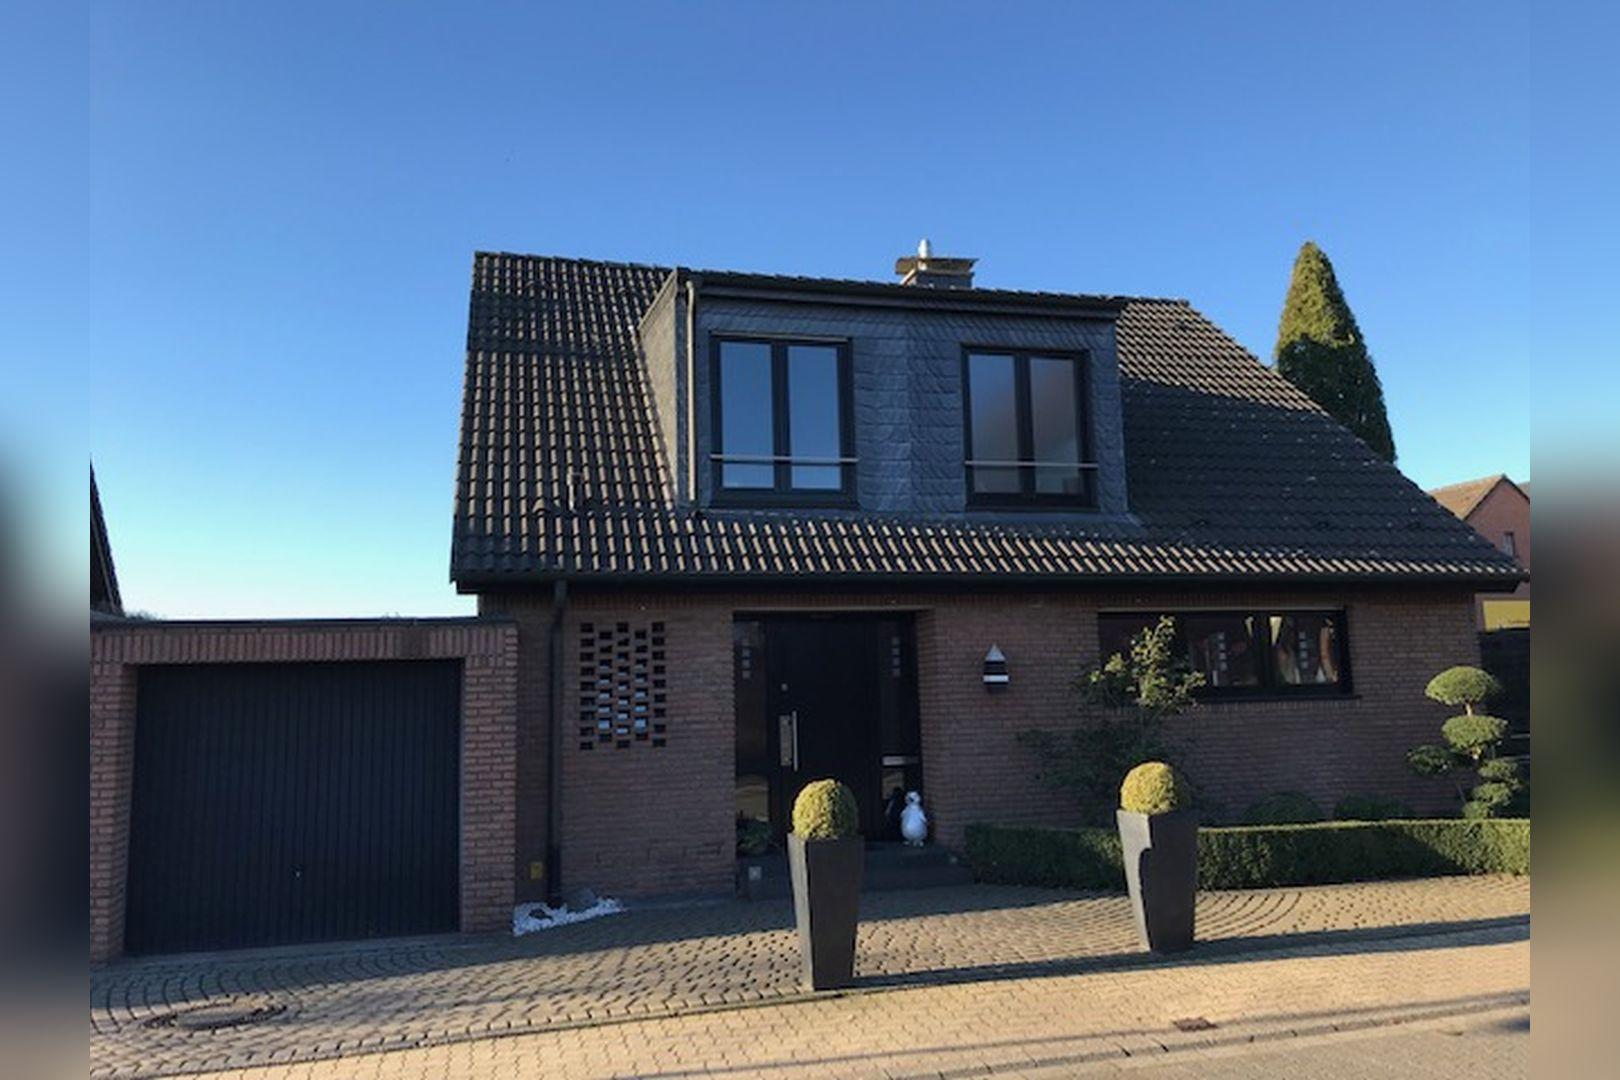 Immobilie Nr.0249 - Freisteh. EFH über EG, DG und UG in Wohnqualität - Bild 3.jpg